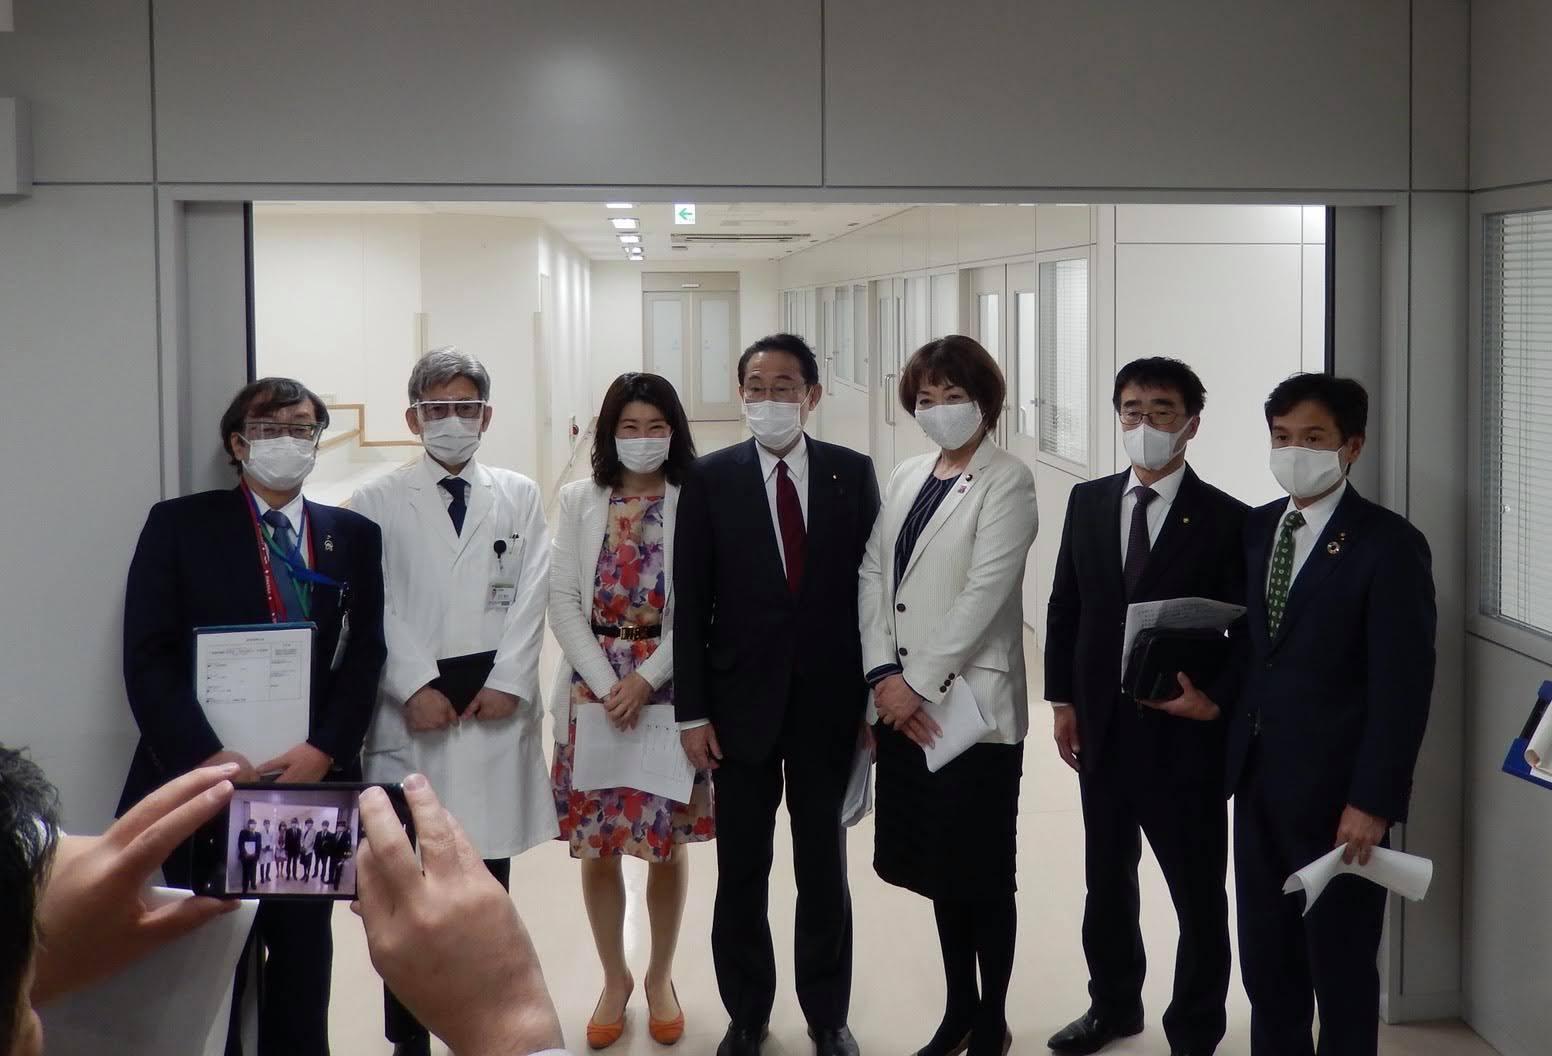 自民党の岸田文雄代議士が医療現場を視察されましたpage-visual 自民党の岸田文雄代議士が医療現場を視察されましたビジュアル